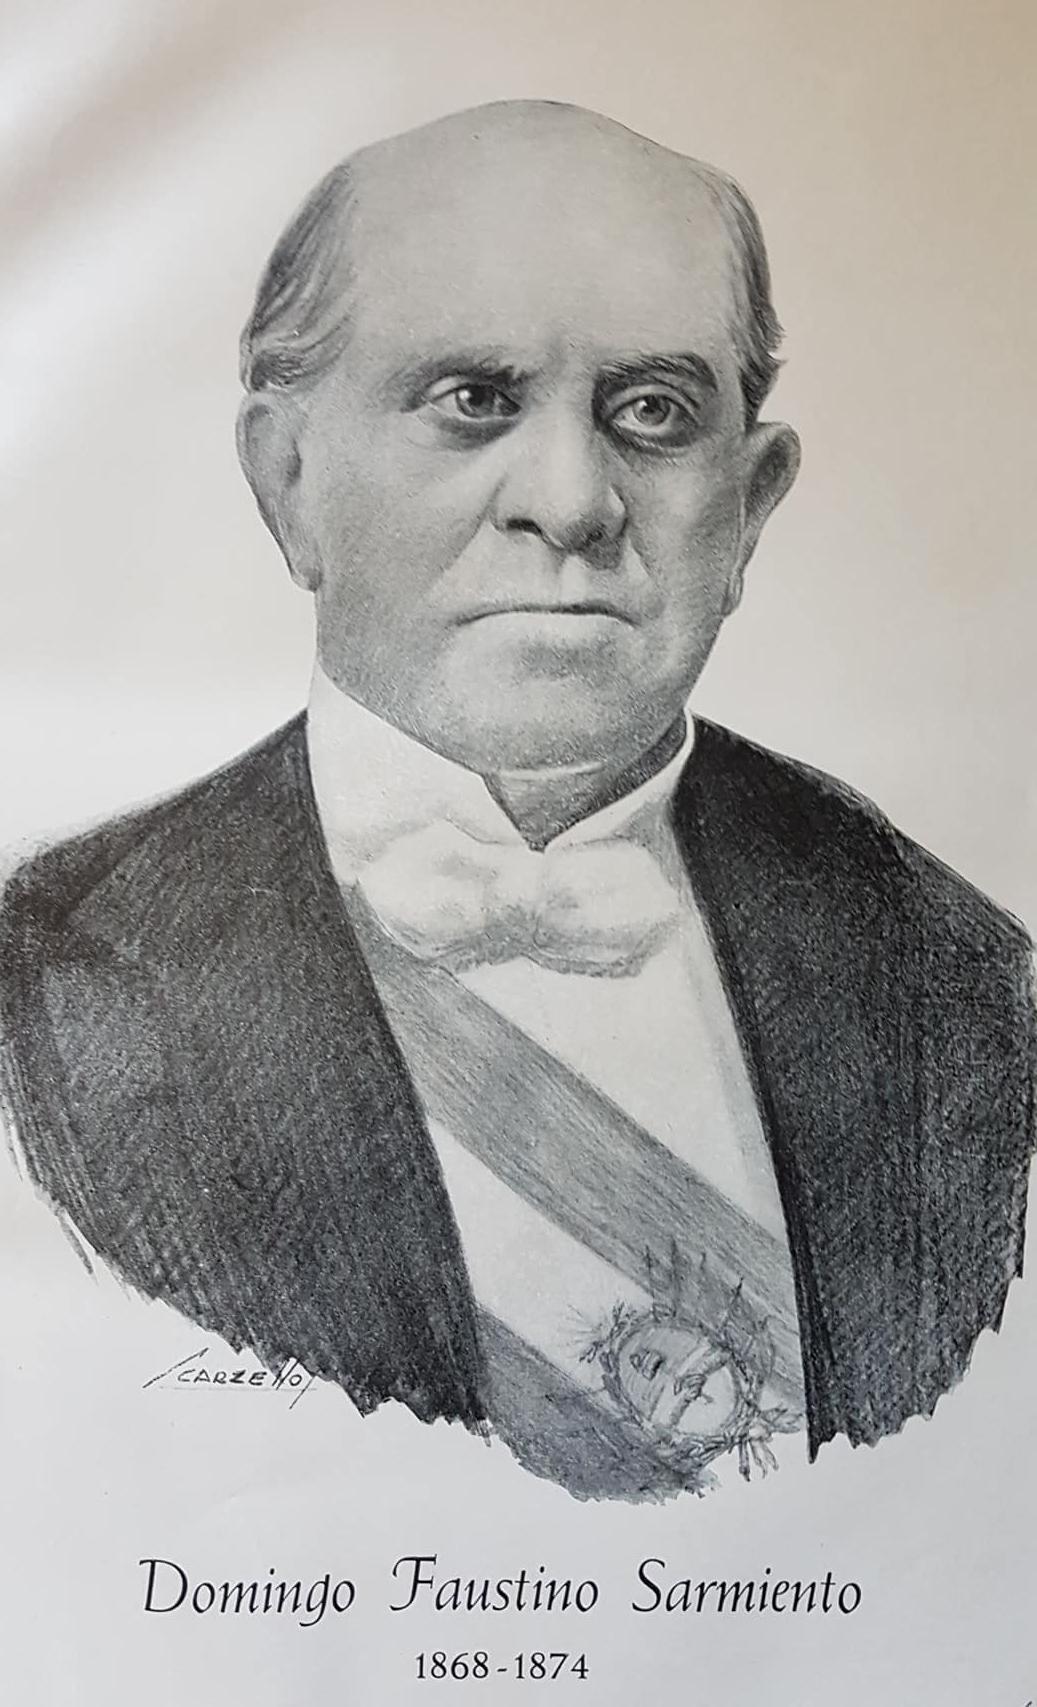 Domingo Faustino Sarmiento y Chivilcoy